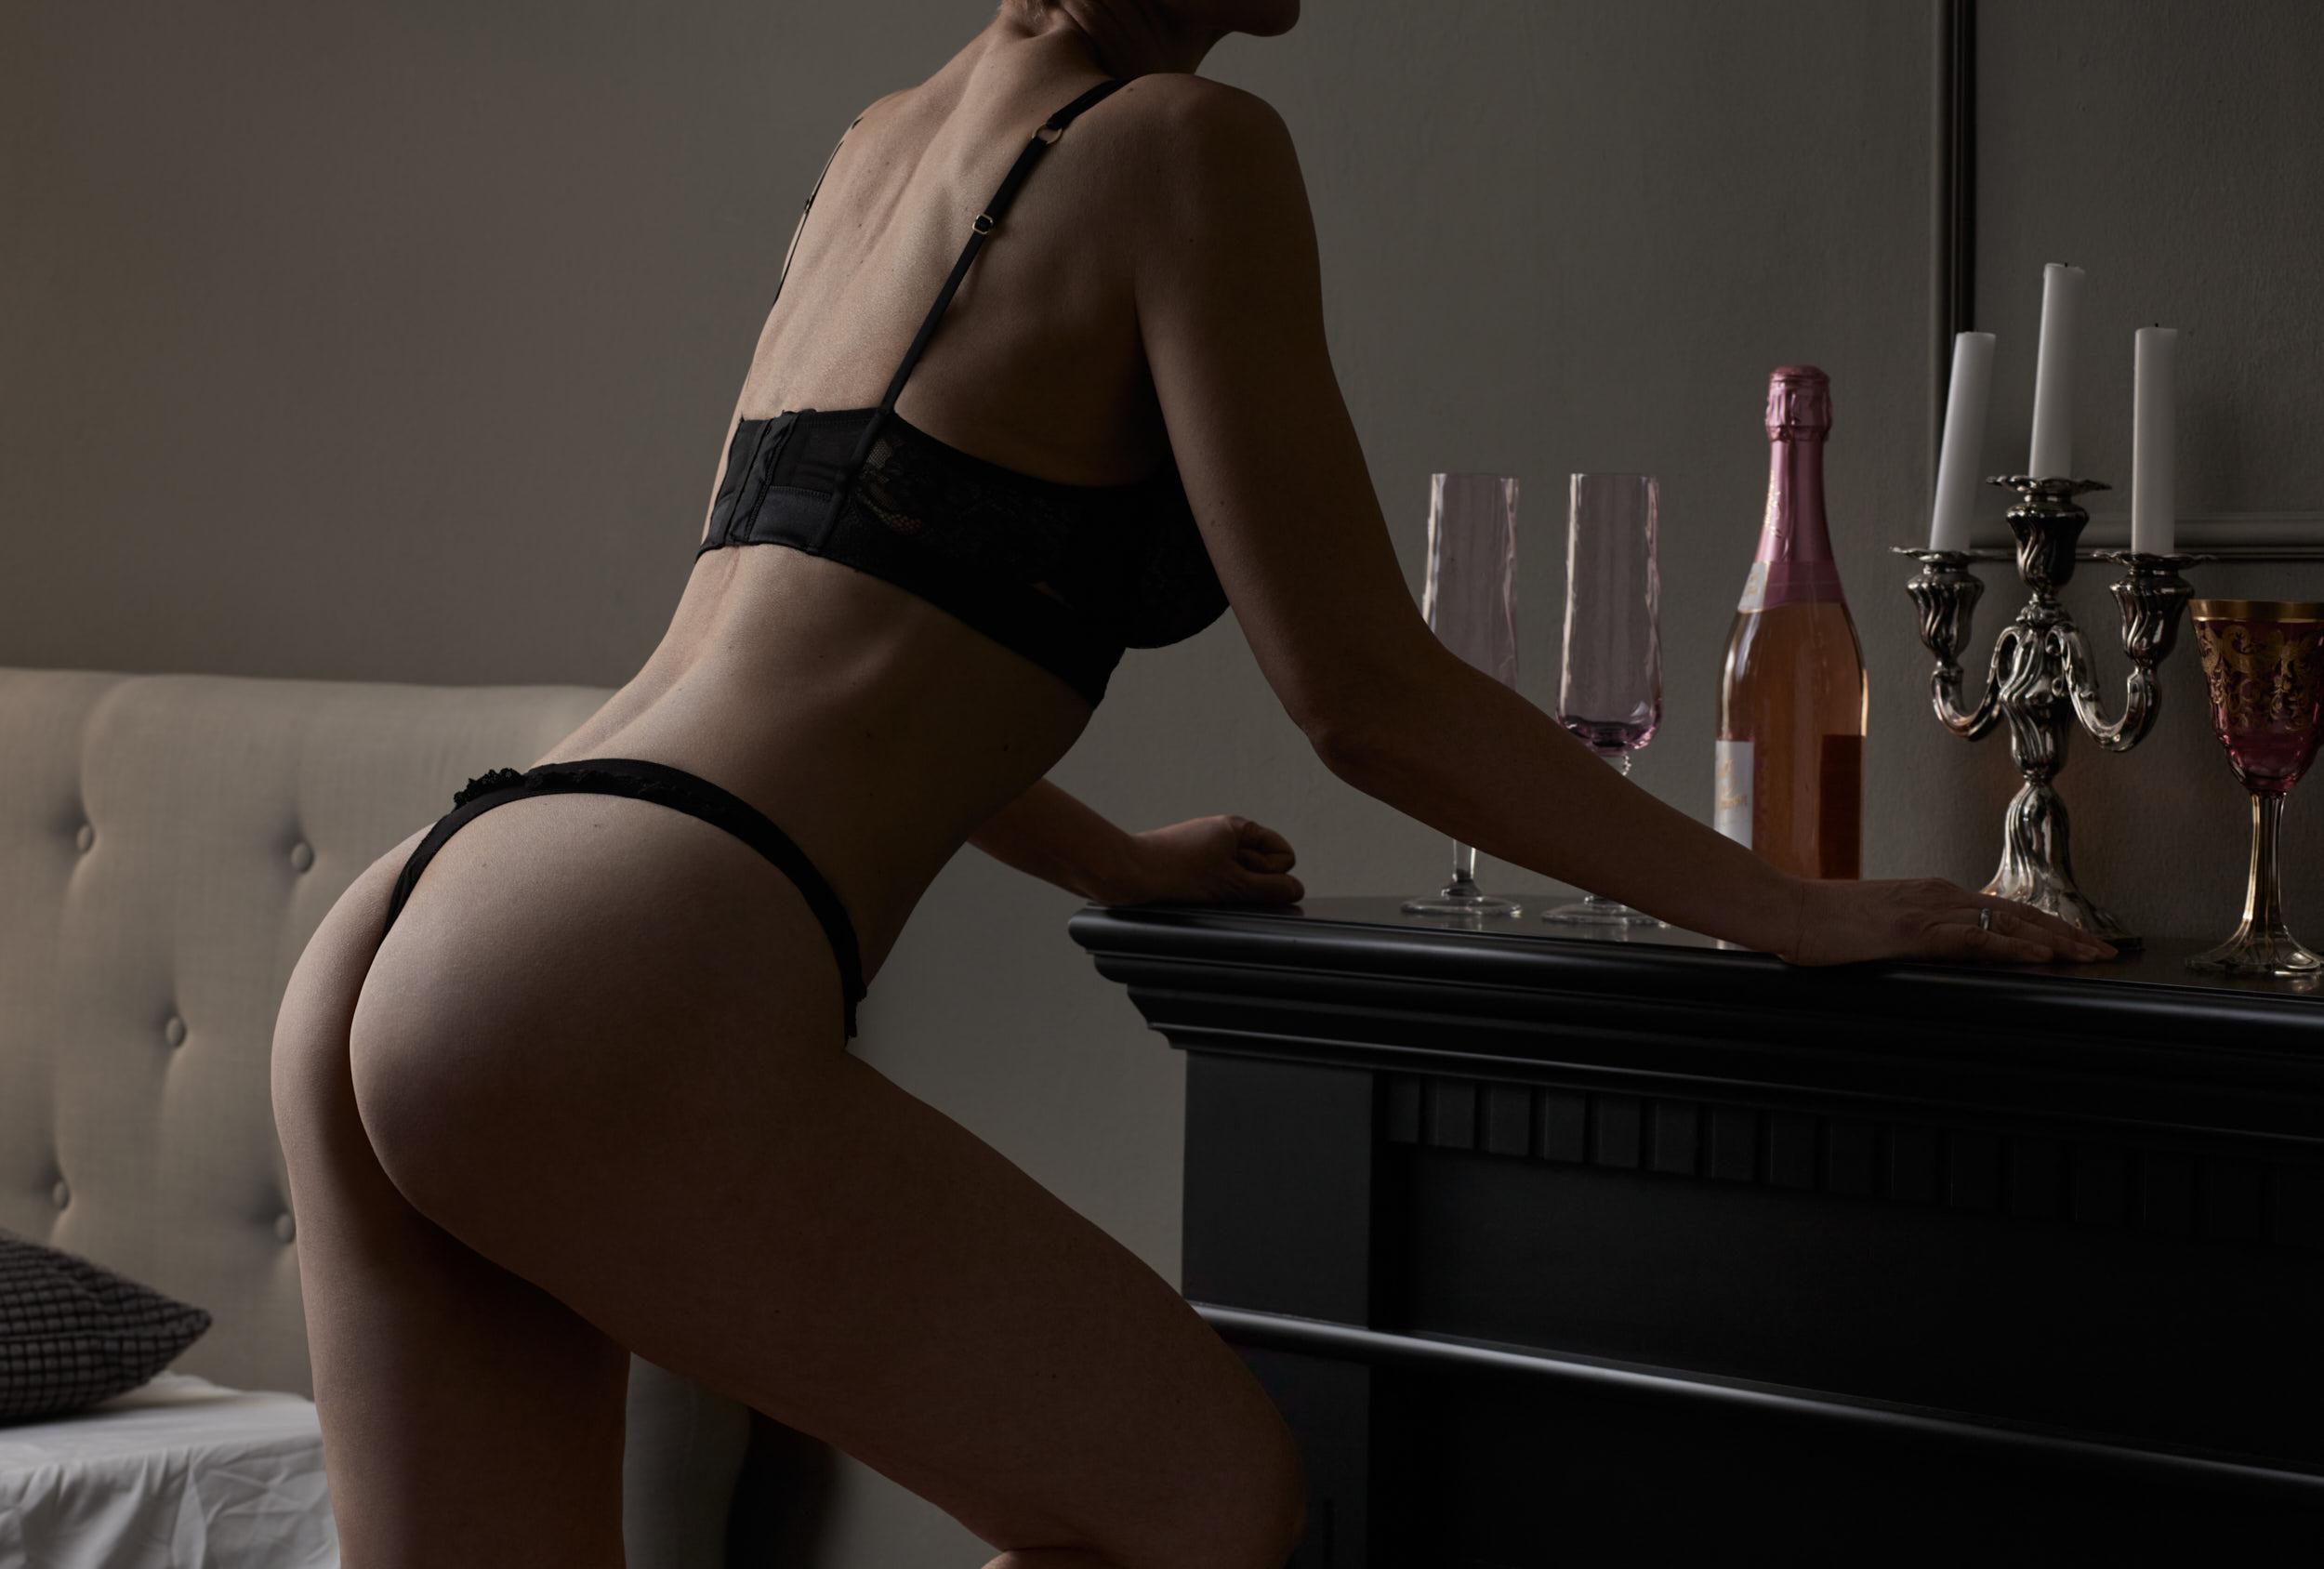 Akt-Fotoshooting einer erwachsenen Frau die in schwarzer Unterwäsche in einem Zimmer an einem Kamin lehnt, auf dem Sekt mit Gläsern und ein Kerzenleuchter stehen